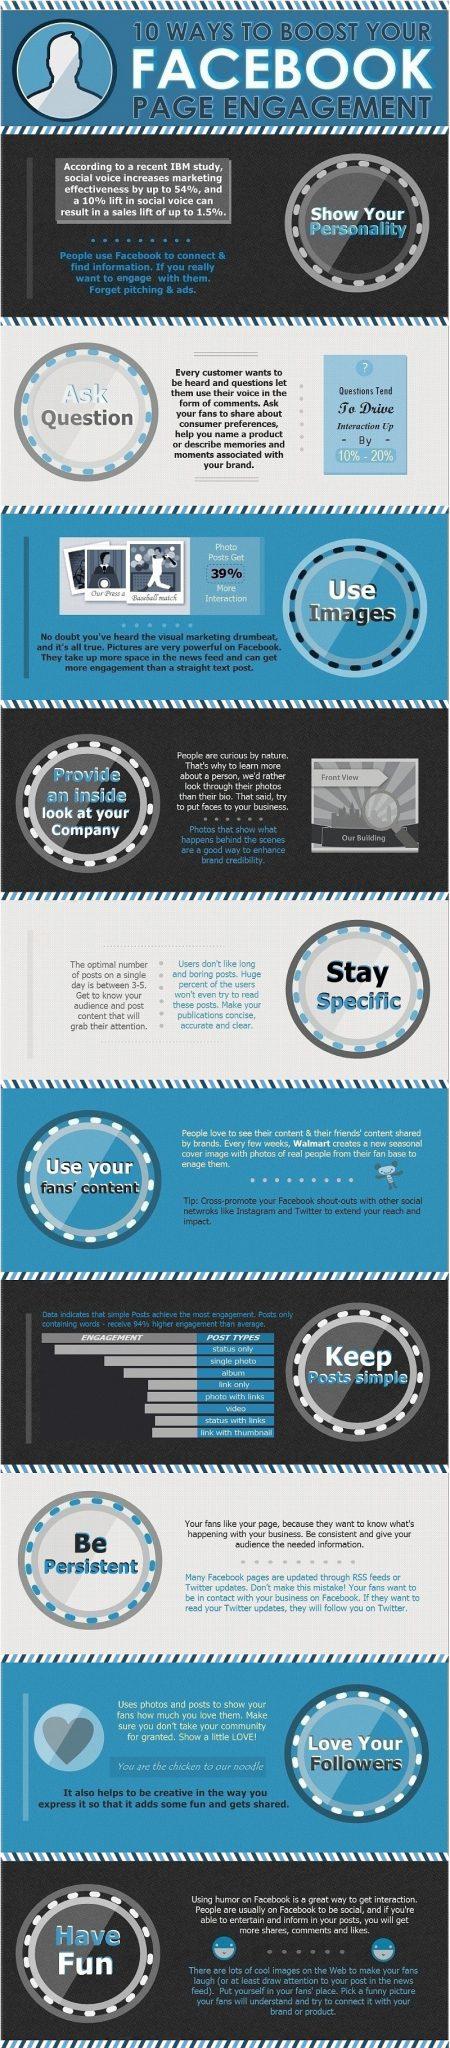 提升Facebook用户参与度的十大要点